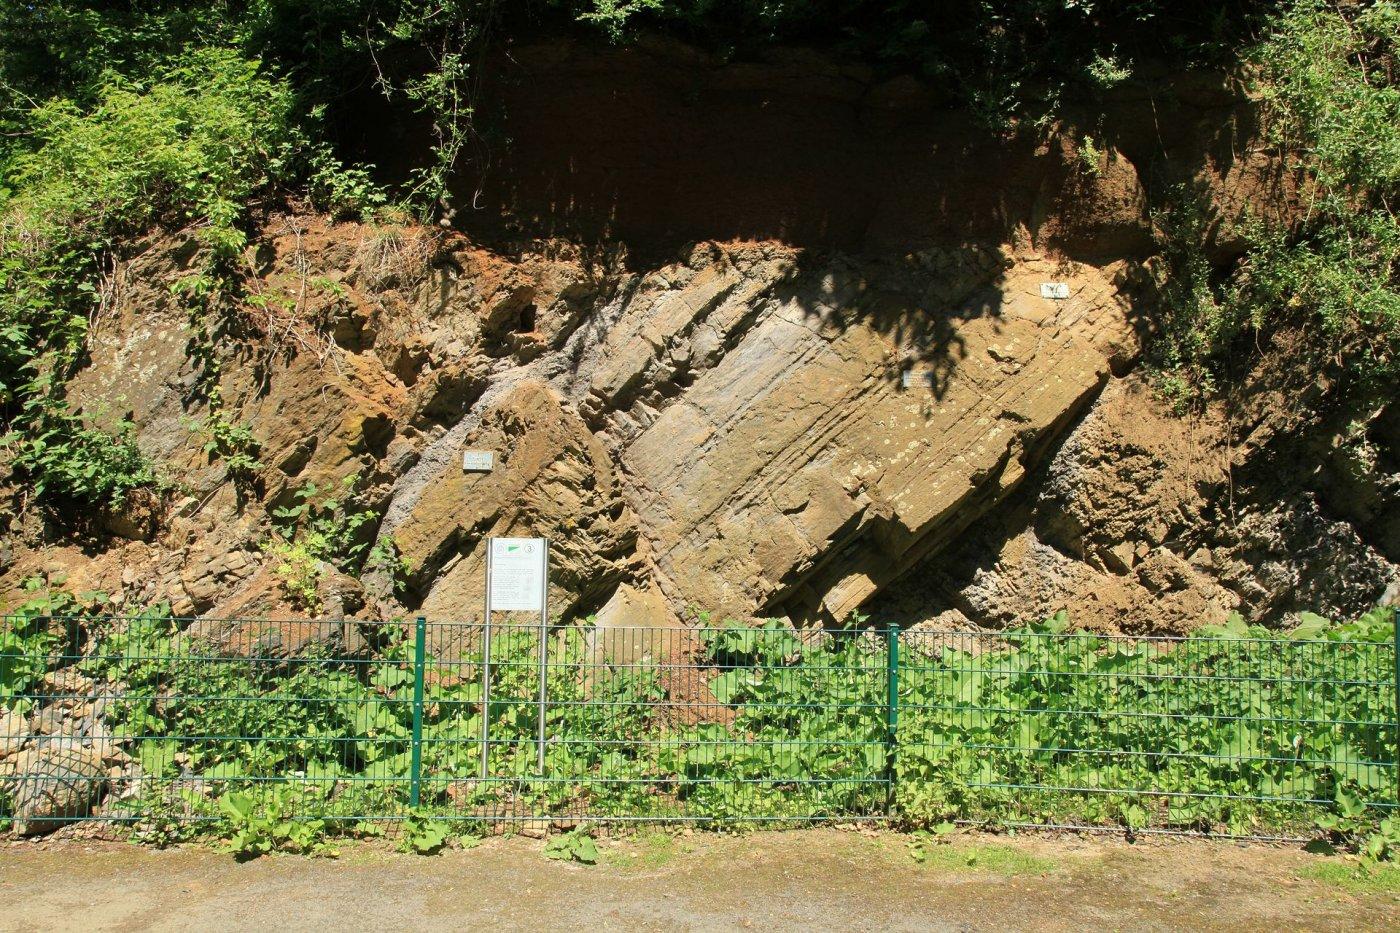 Фото Геологический парк Бохума. Германия, Nordrhein-Westfalen, Bochum, Am Dornbusch, 16